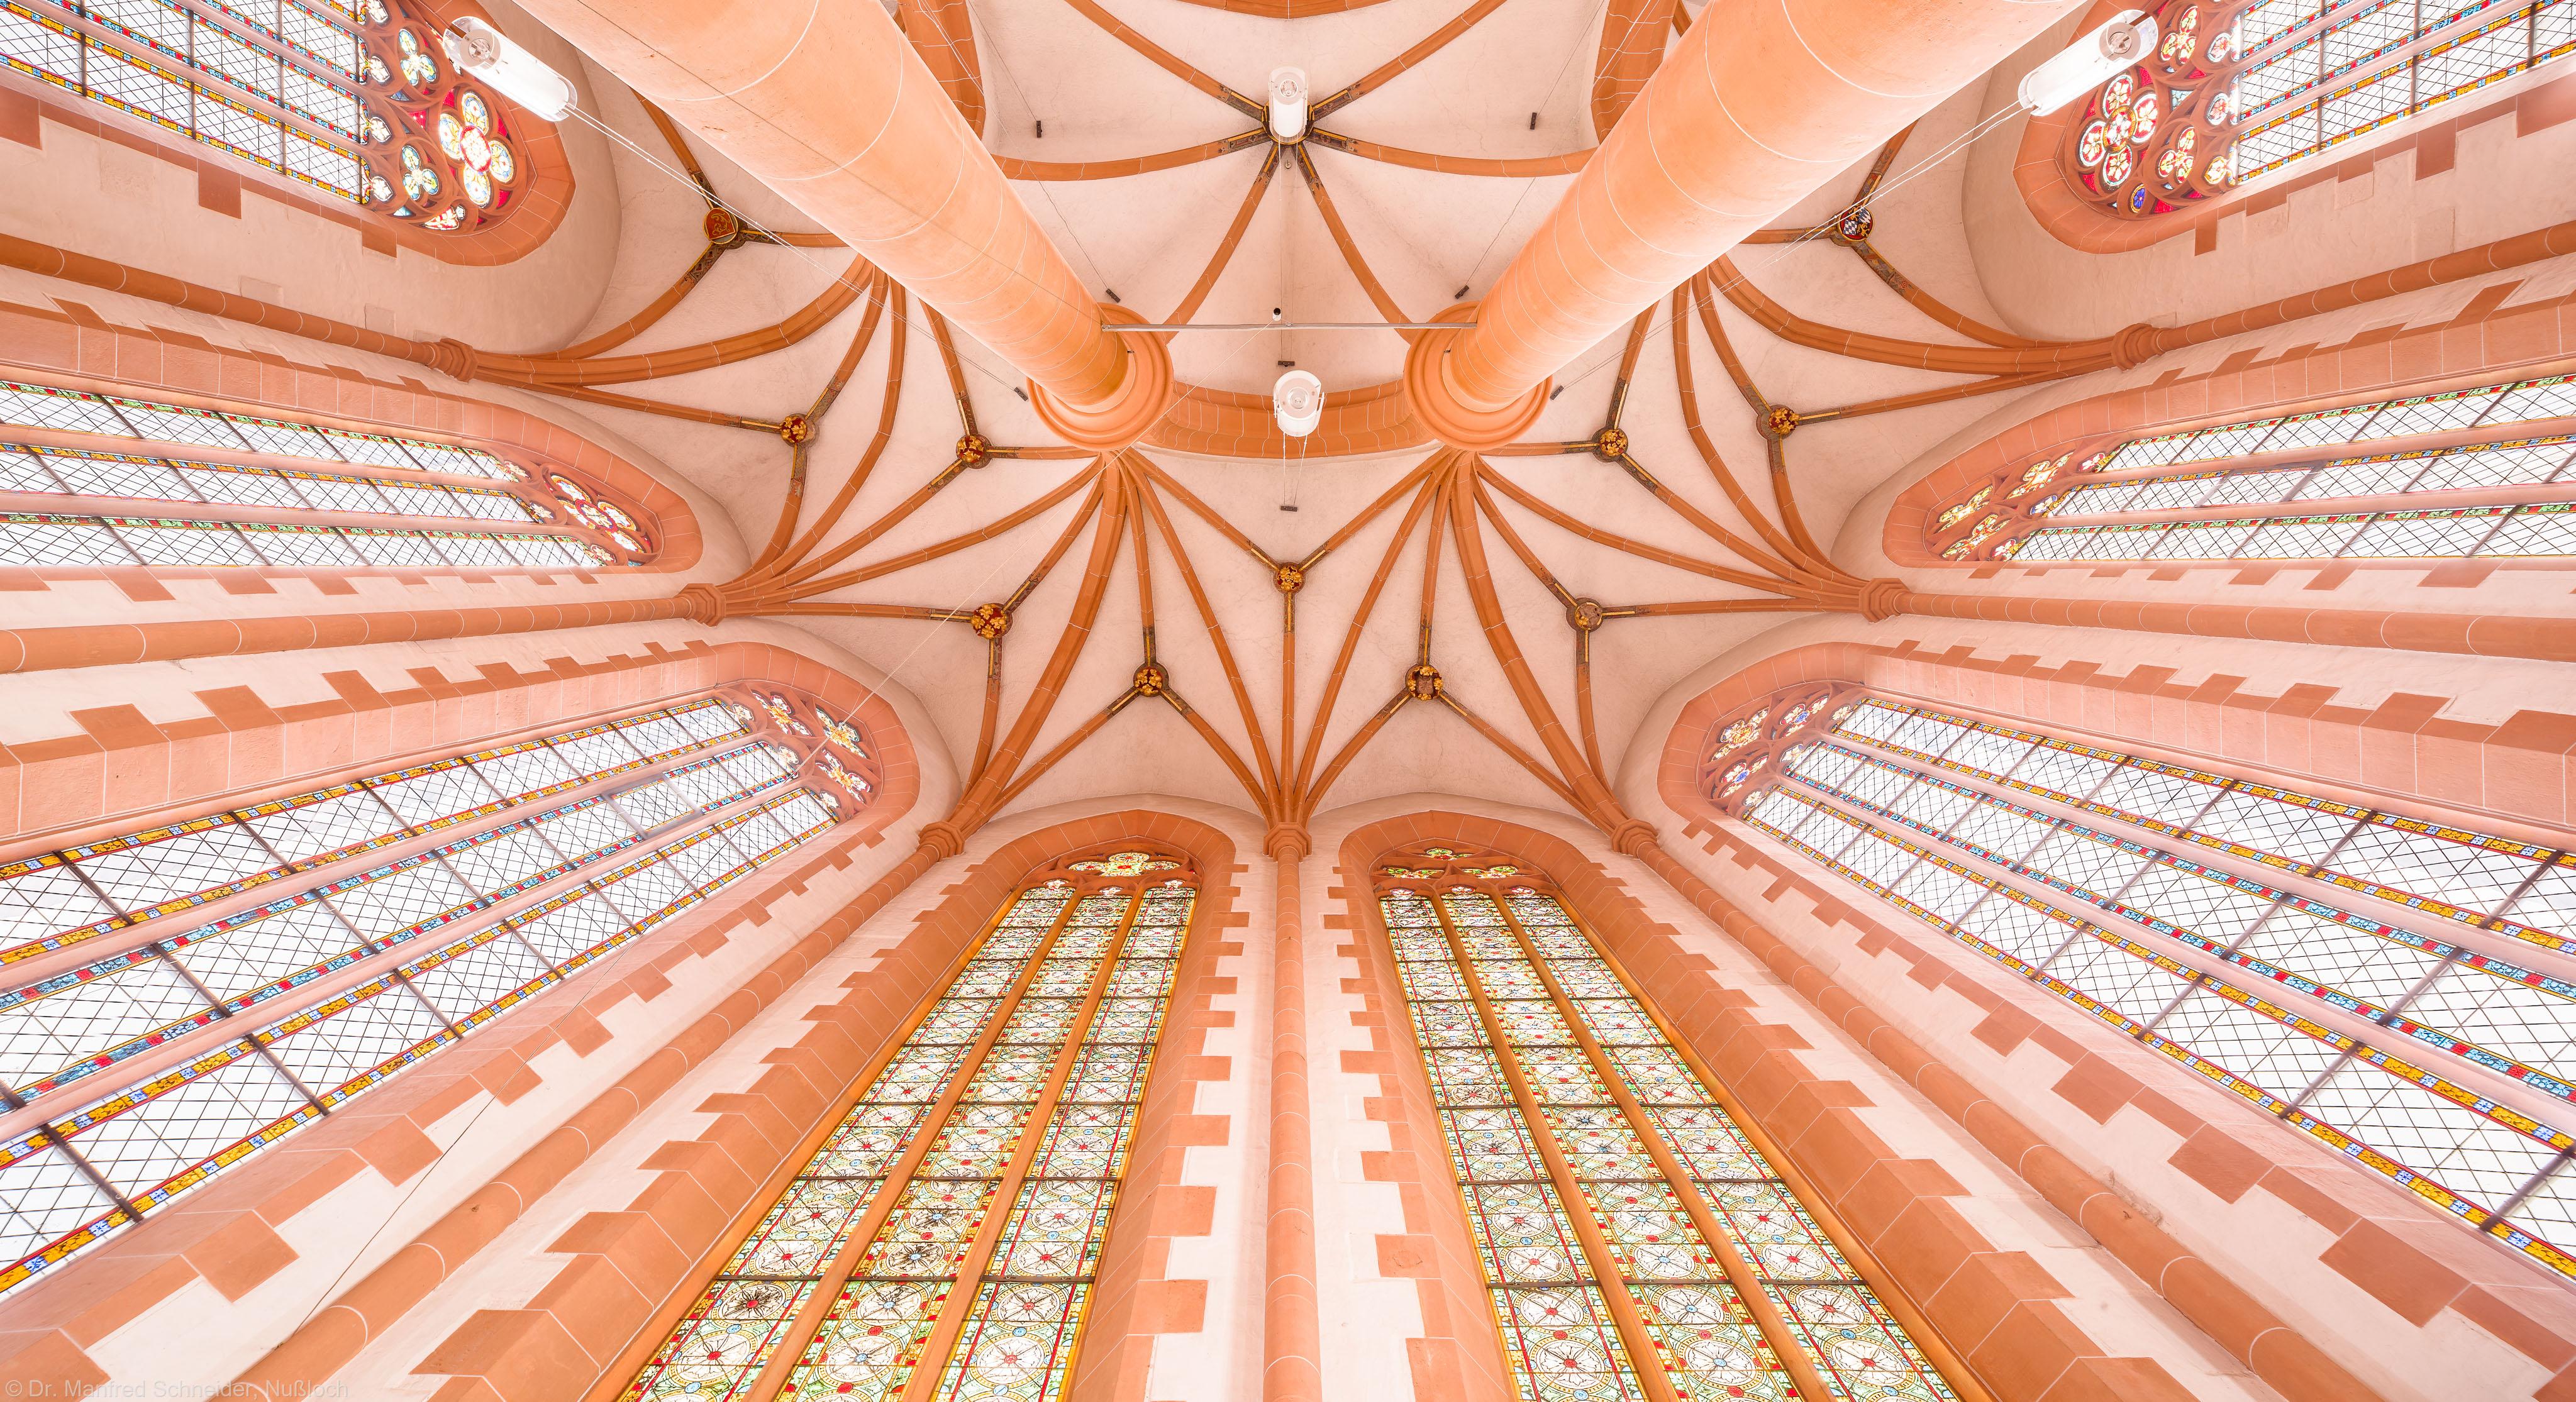 Heidelberg - Heiliggeistkirche - Chor - Blick auf die Fenster und in das Gewölbe, hinter dem Altar stehend (aufgenommen im Januar 2013, am frühen Nachmittag)